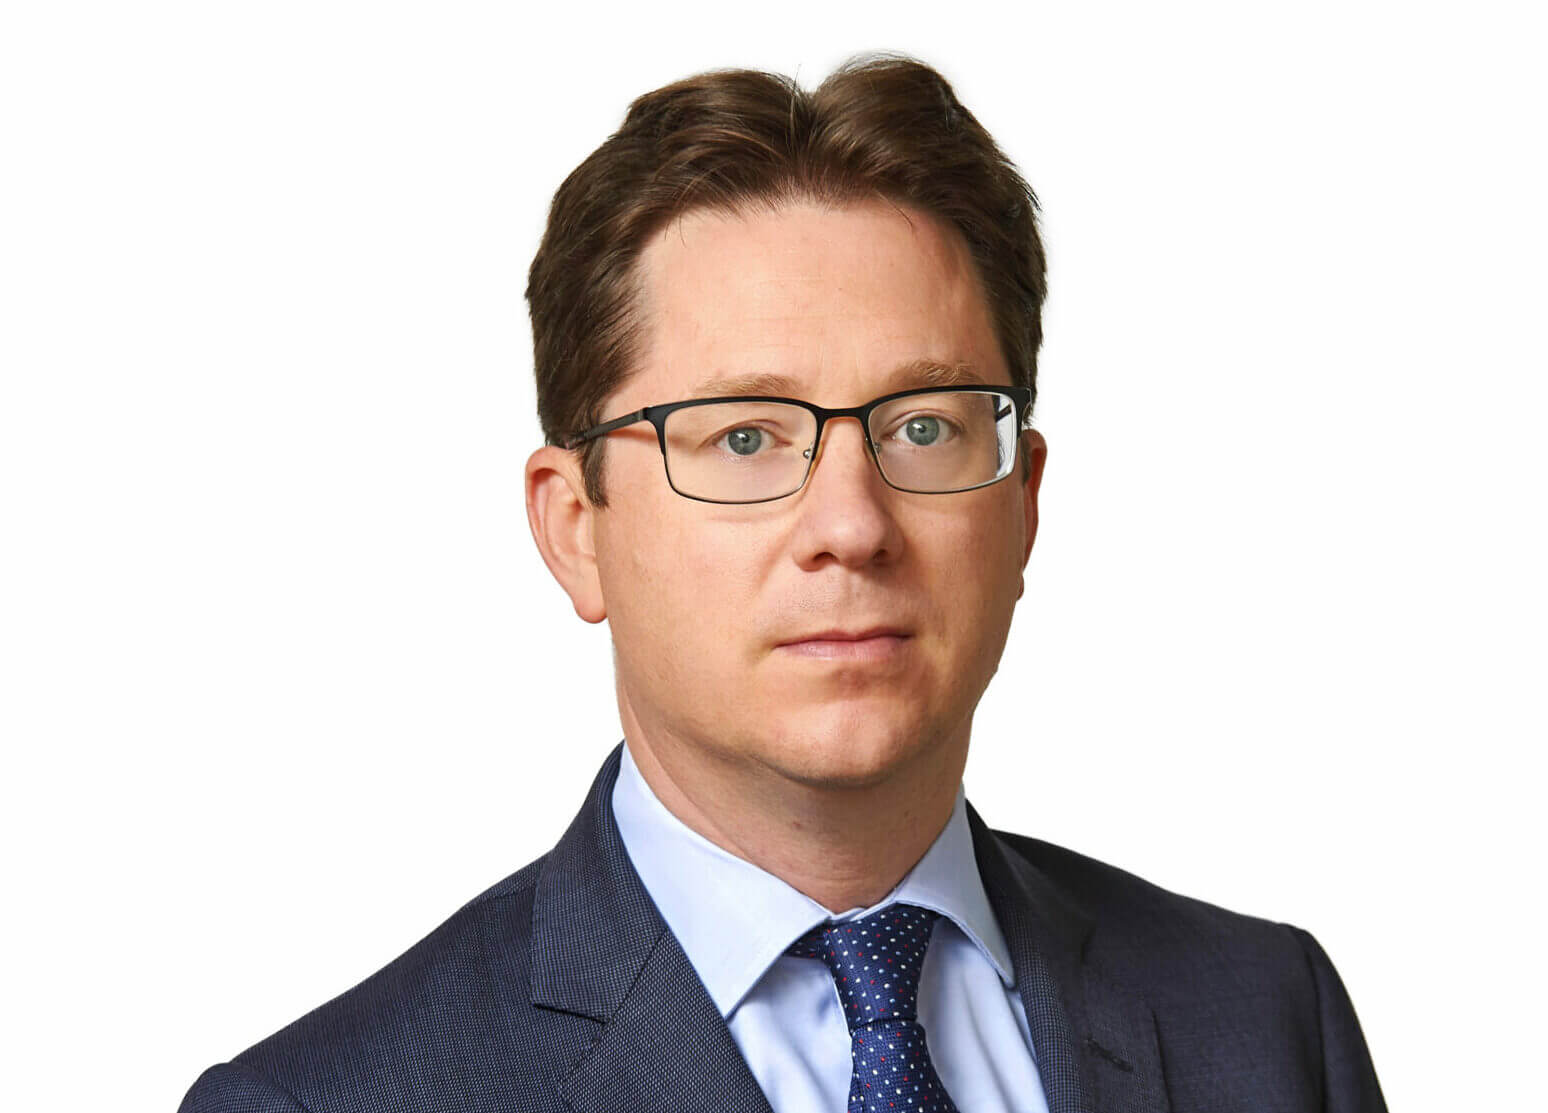 James Brocklebank QC